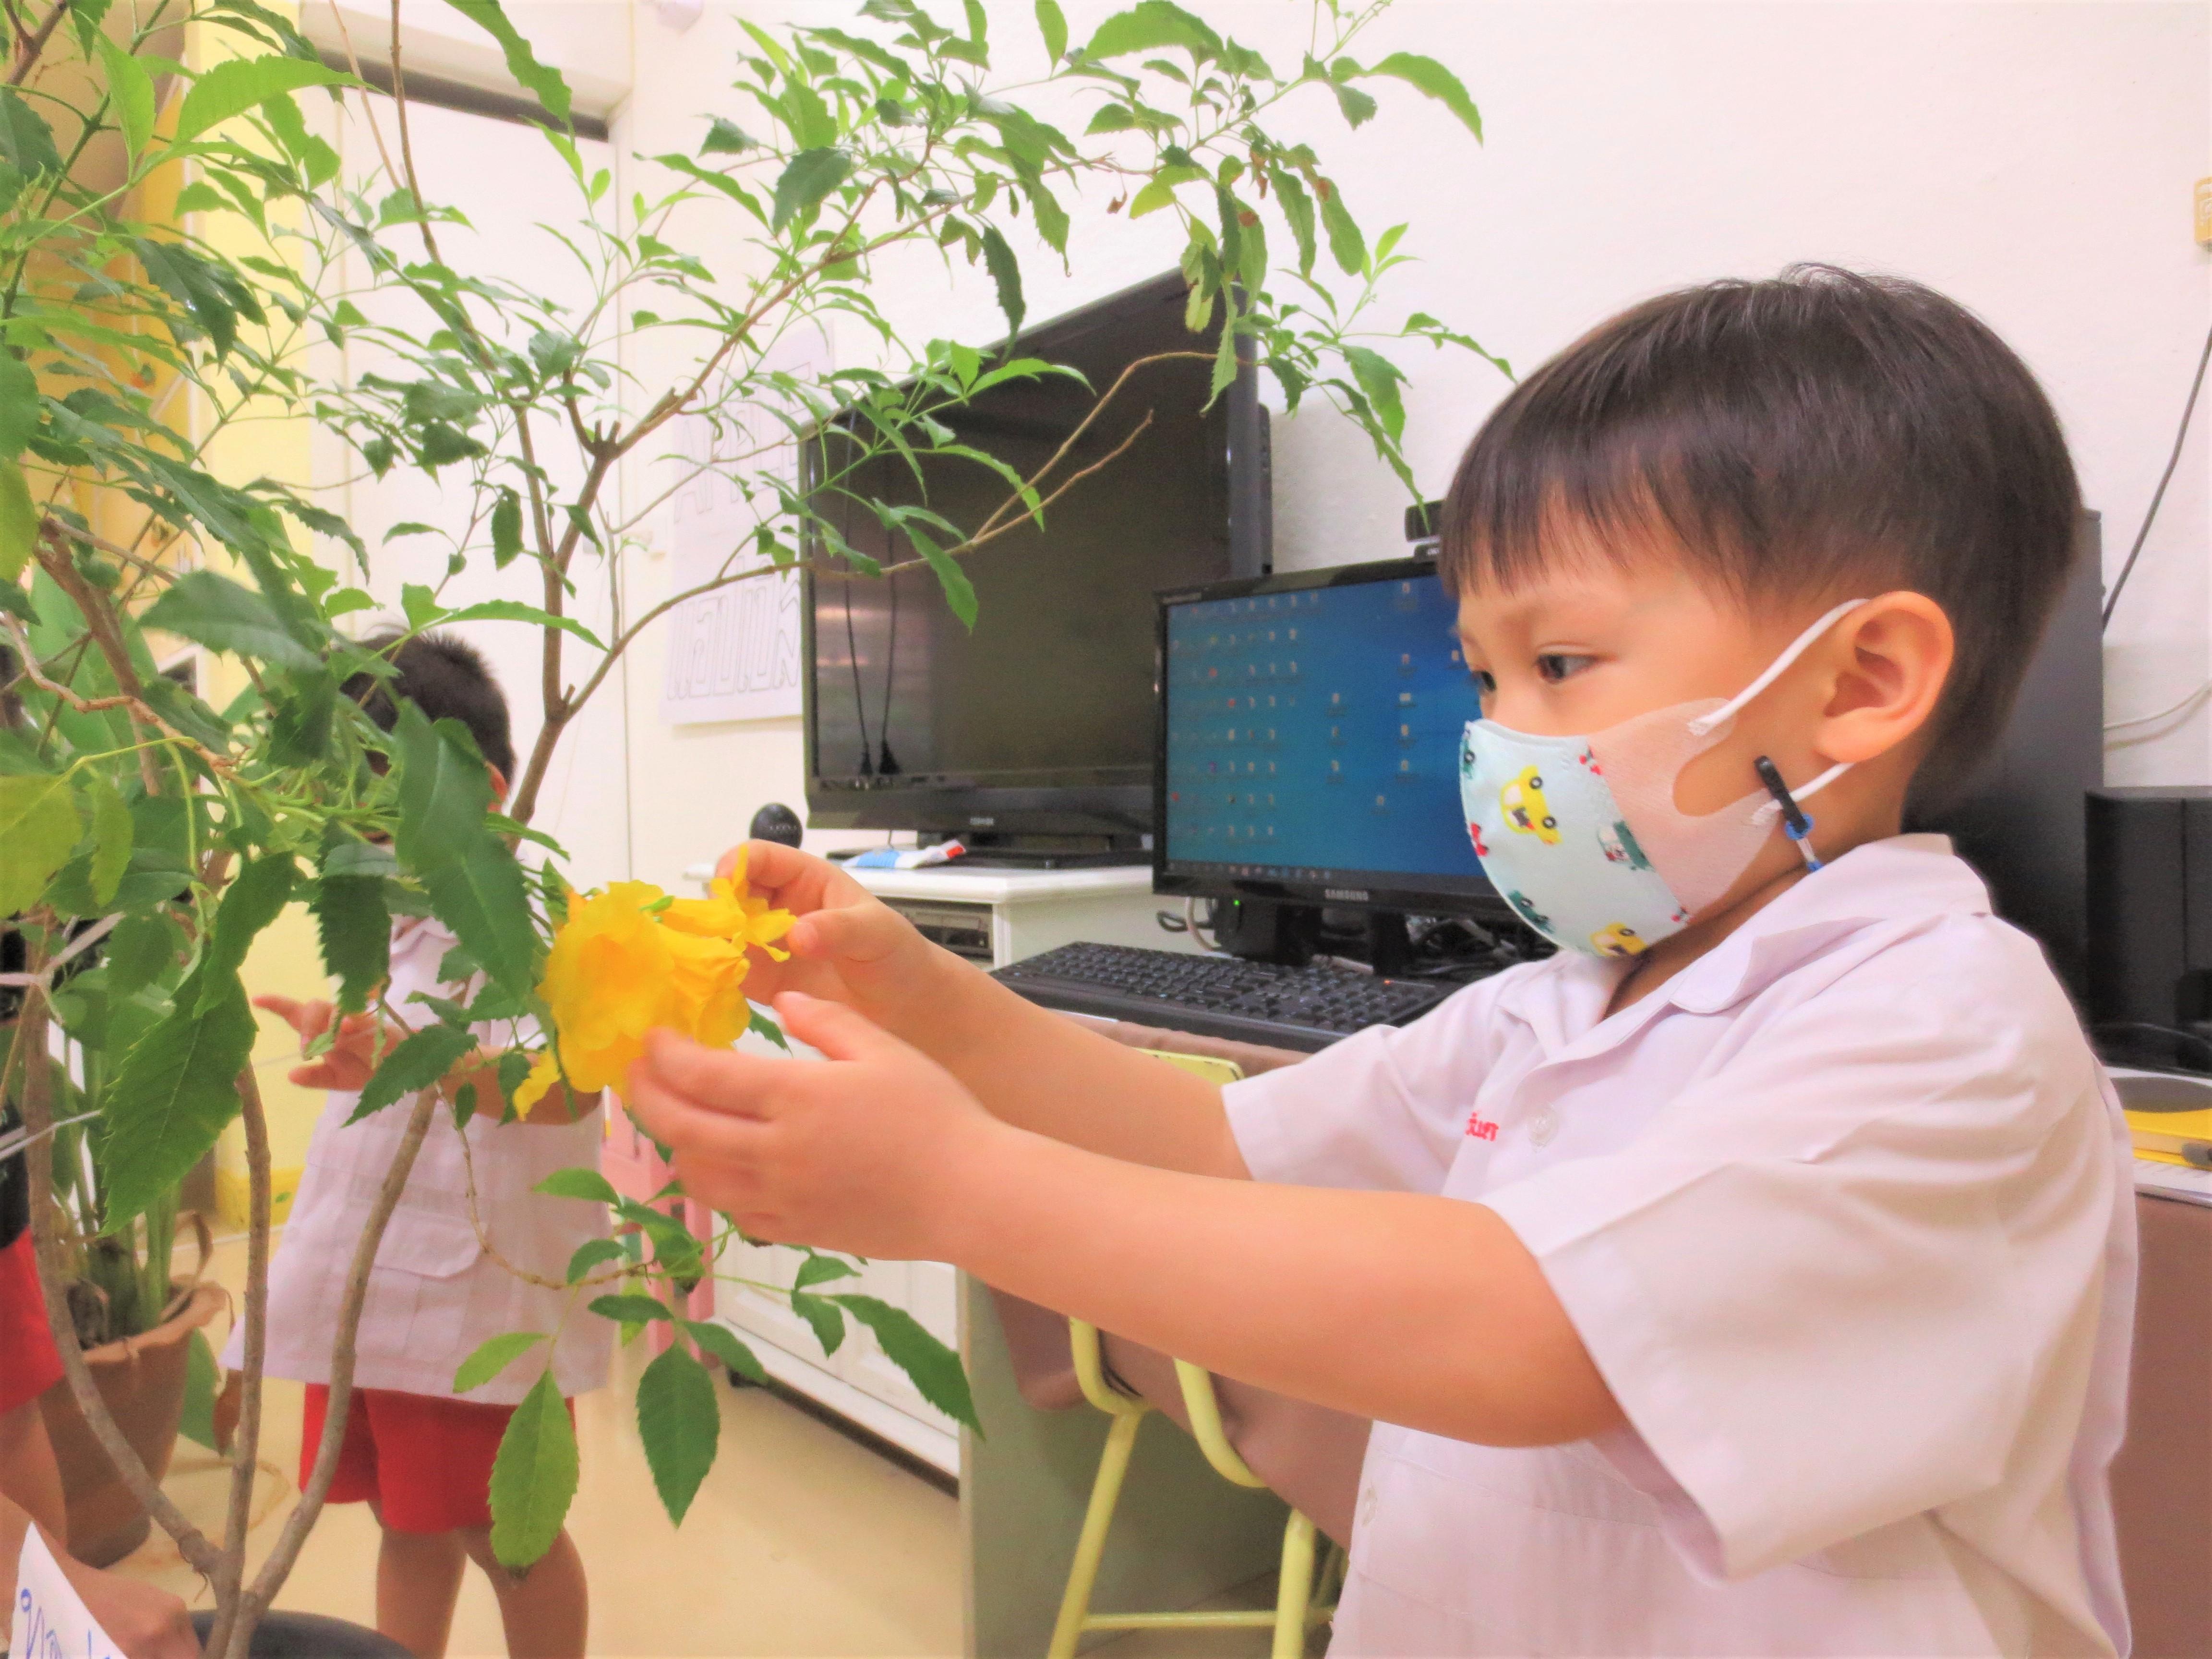 กิจกรรมหน่วย ธรรมชาติของสัตว์และพืช ชั้นอนุบาลปีที่ 1